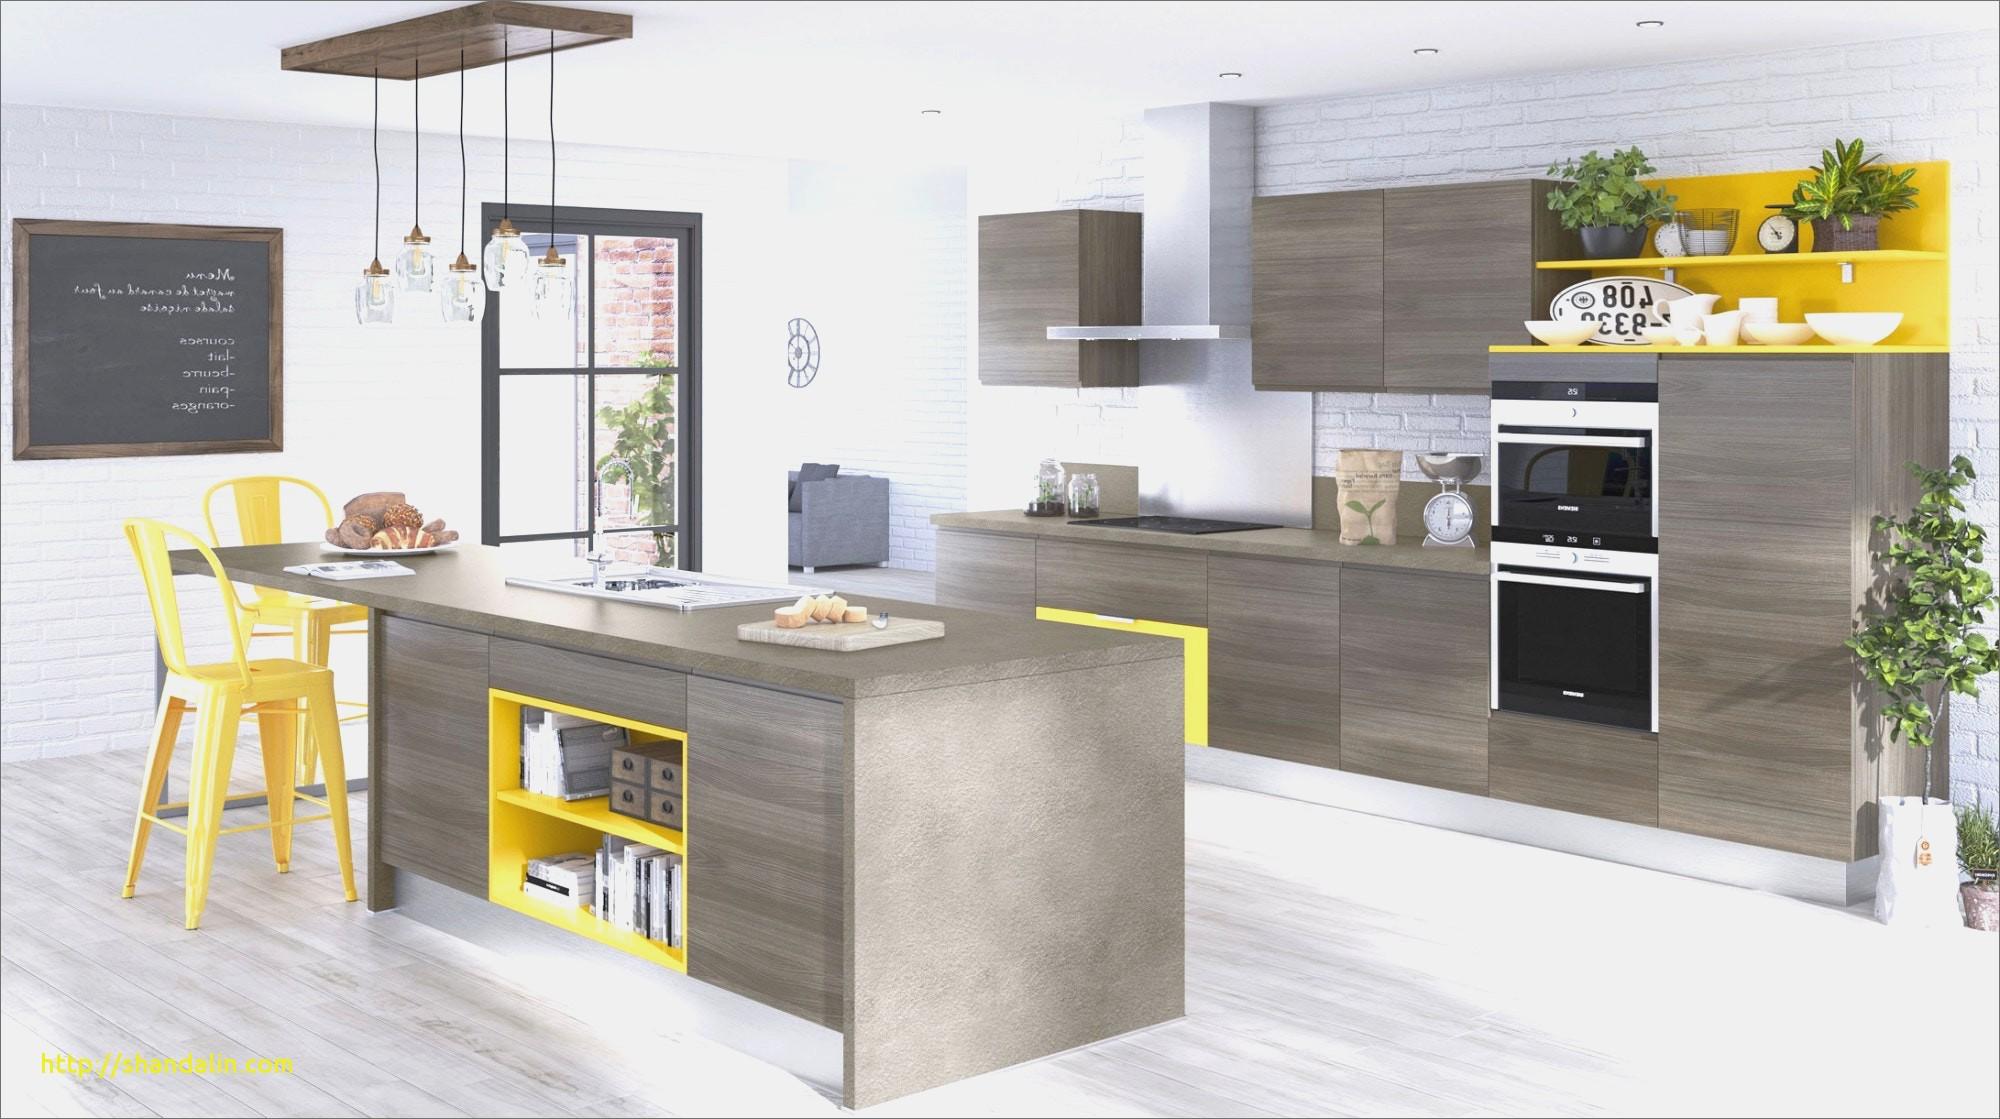 Modele Cuisine Vogica Tout Sur La Cuisine Et Le Mobilier Cuisine - Vogica cuisine